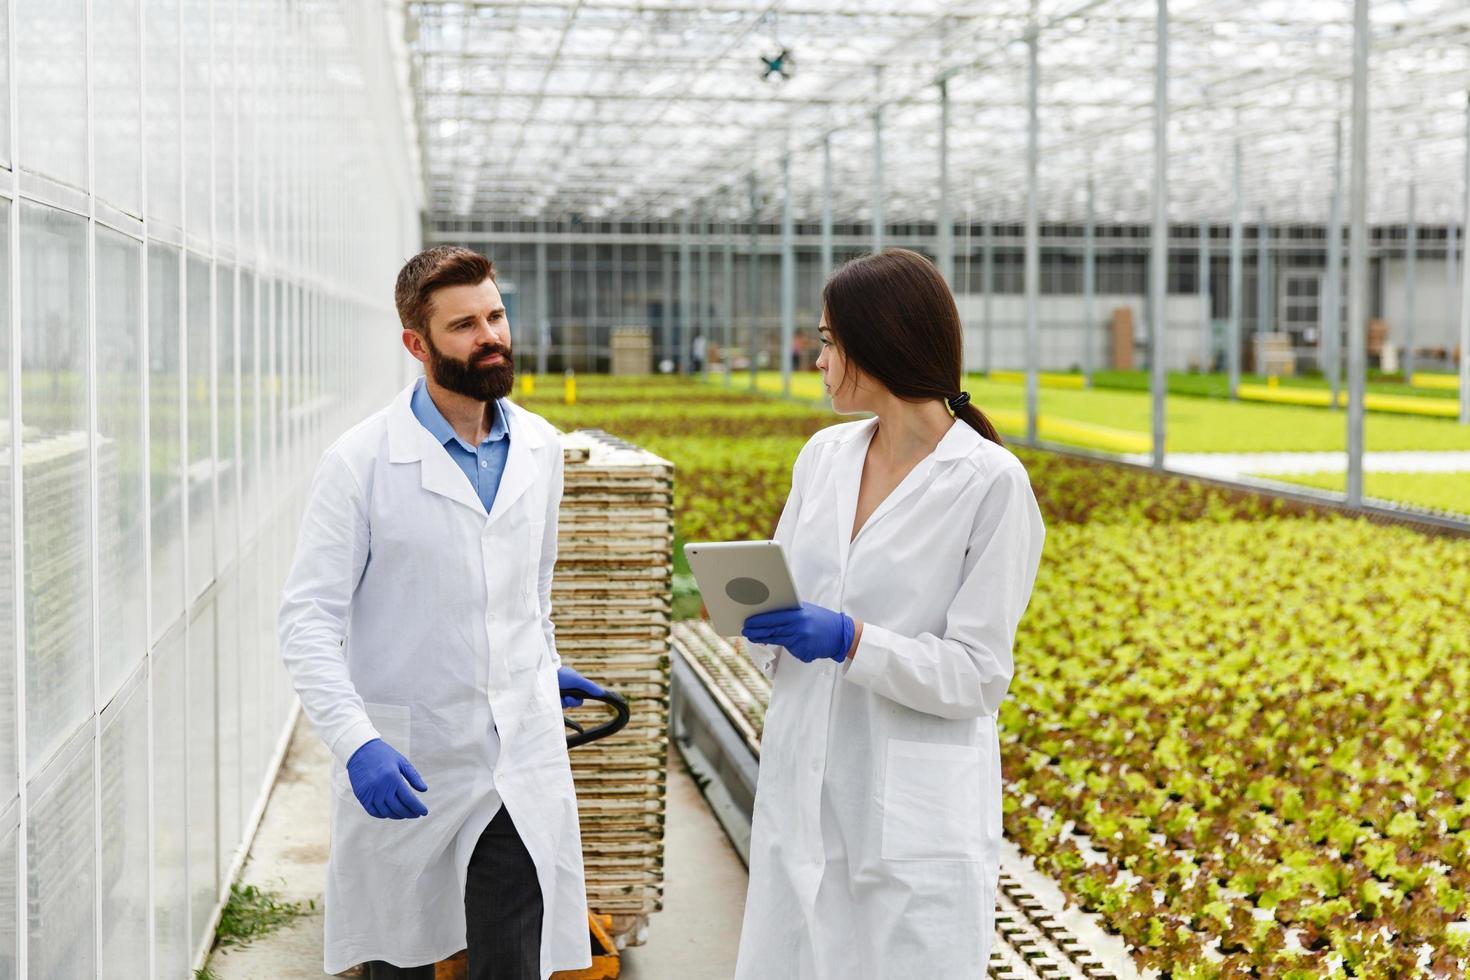 Dos investigadores con batas de laboratorio caminan alrededor del invernadero con una tableta. foto